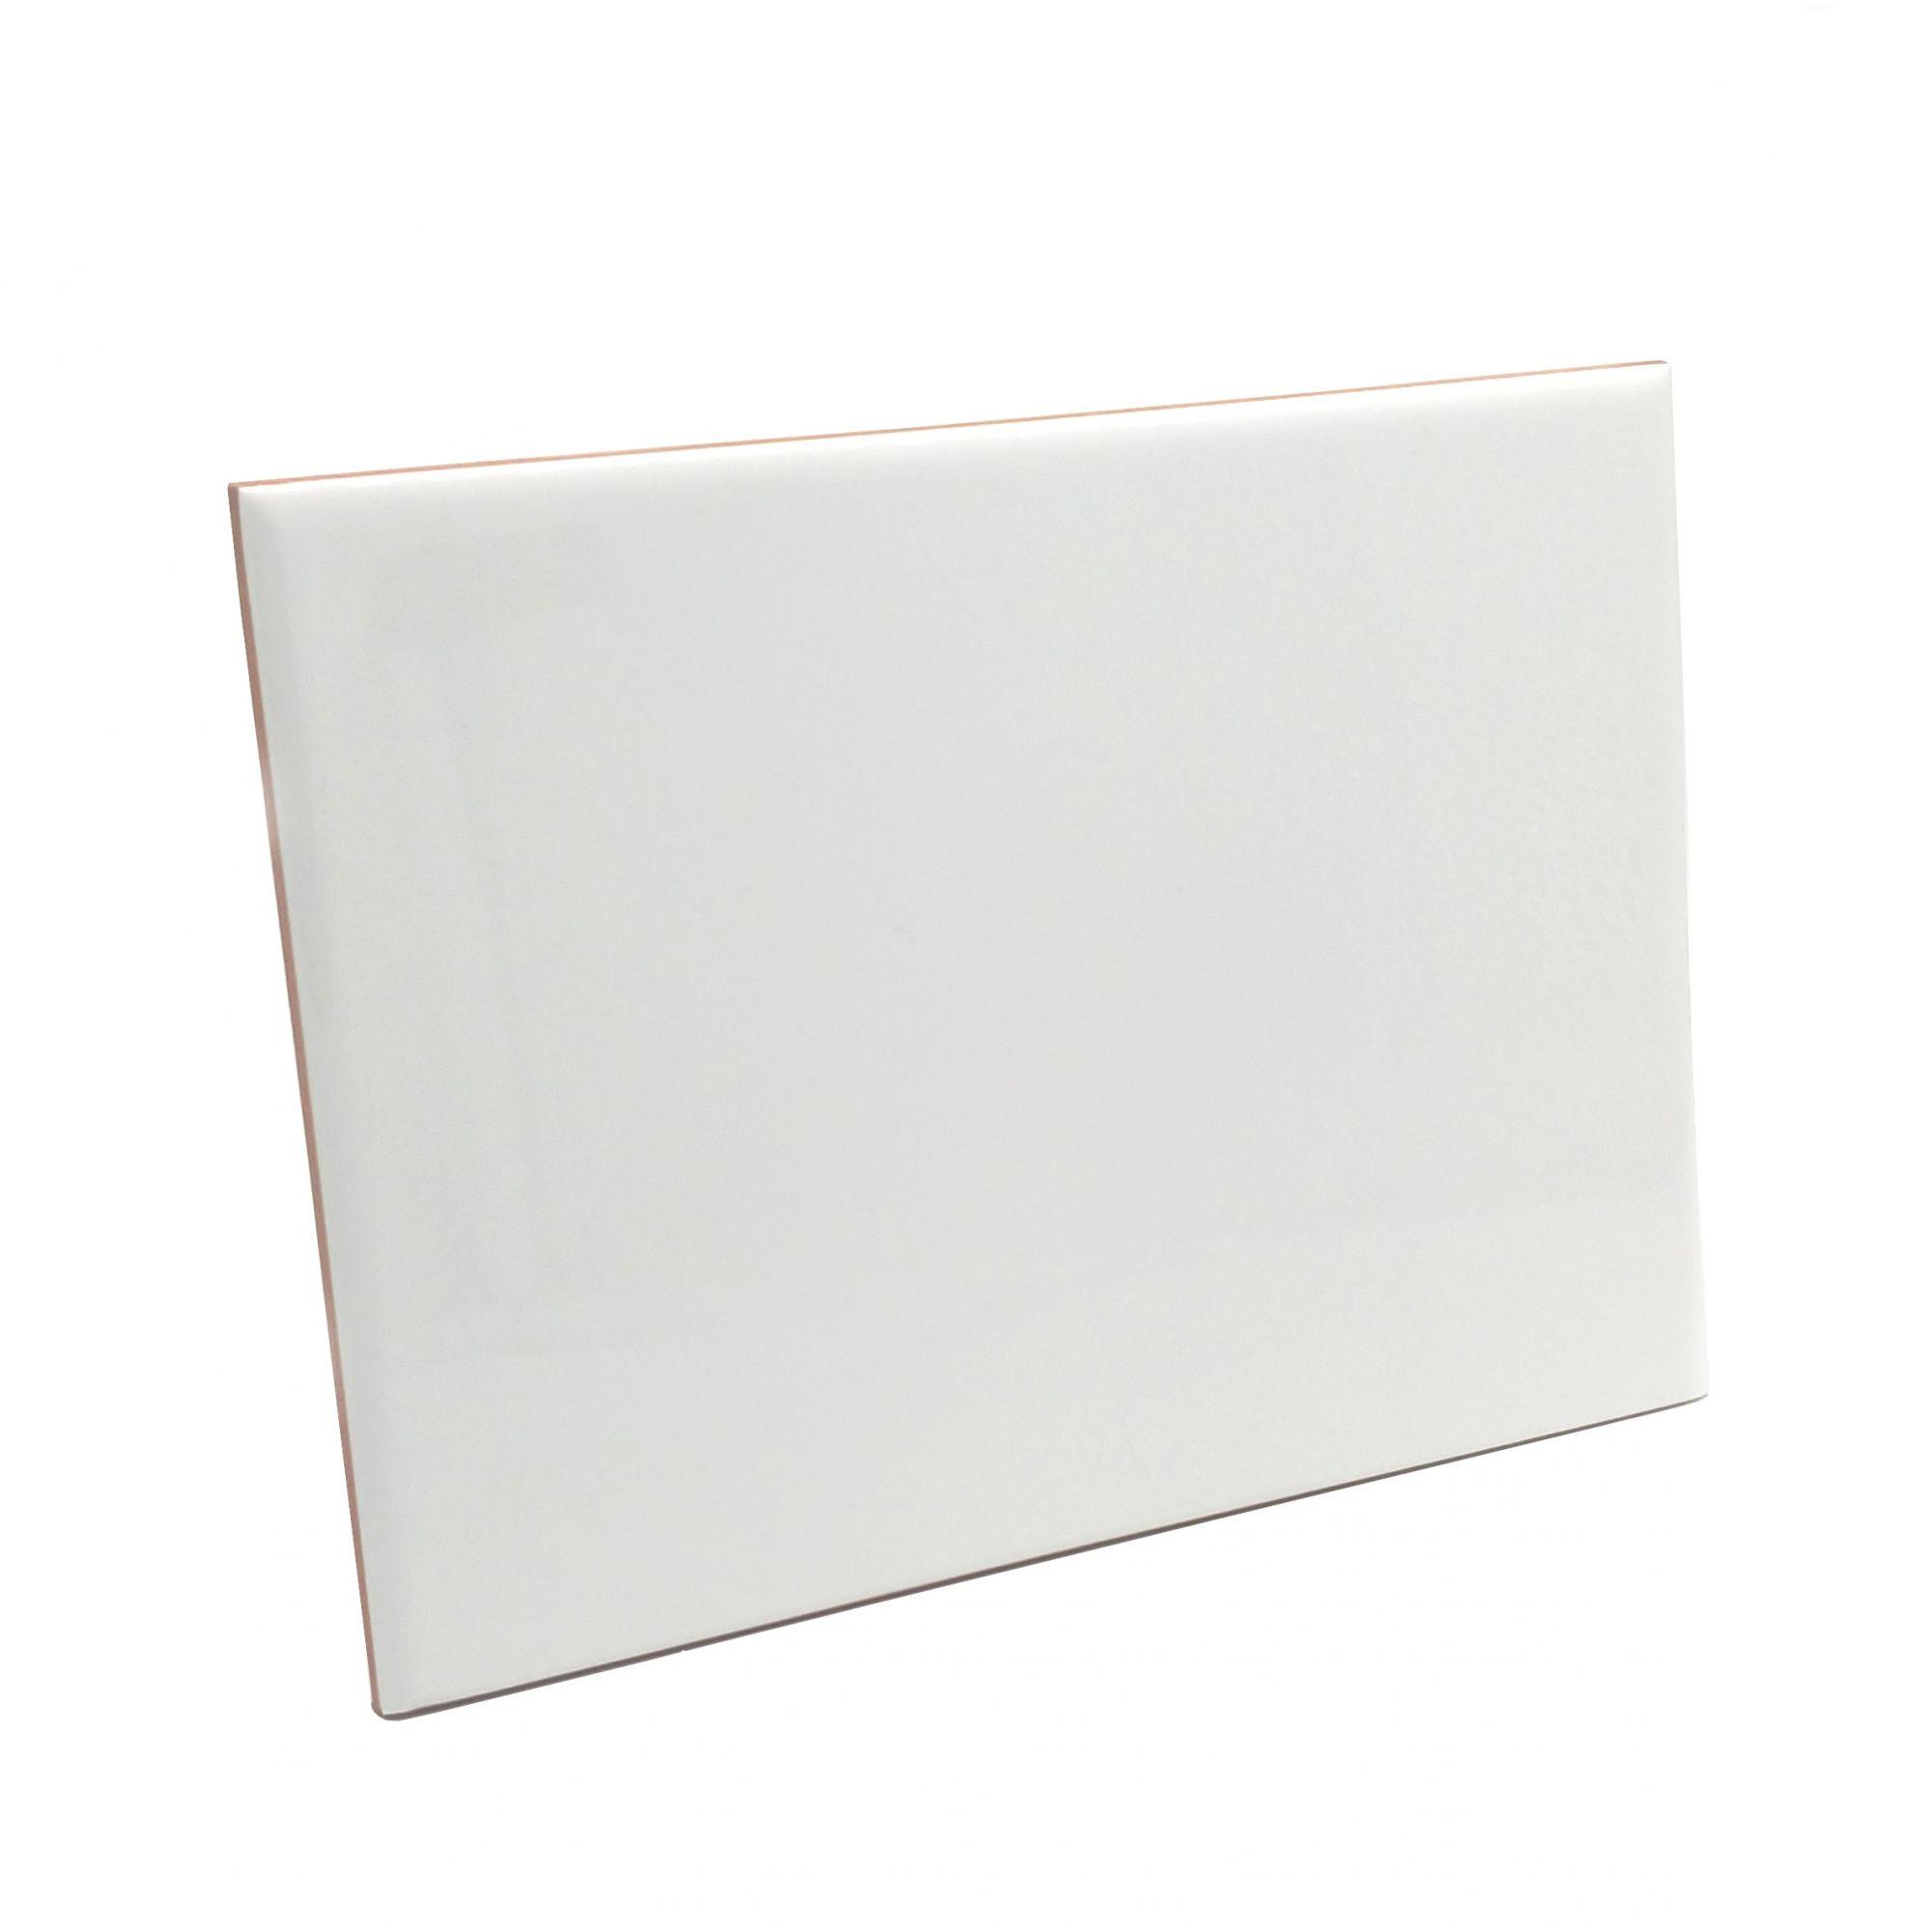 Azulejo Branco de Cerâmica para sublimação 15X20CM  - ALFANETI COMERCIO DE MIDIAS E SUBLIMAÇÃO LTDA-ME